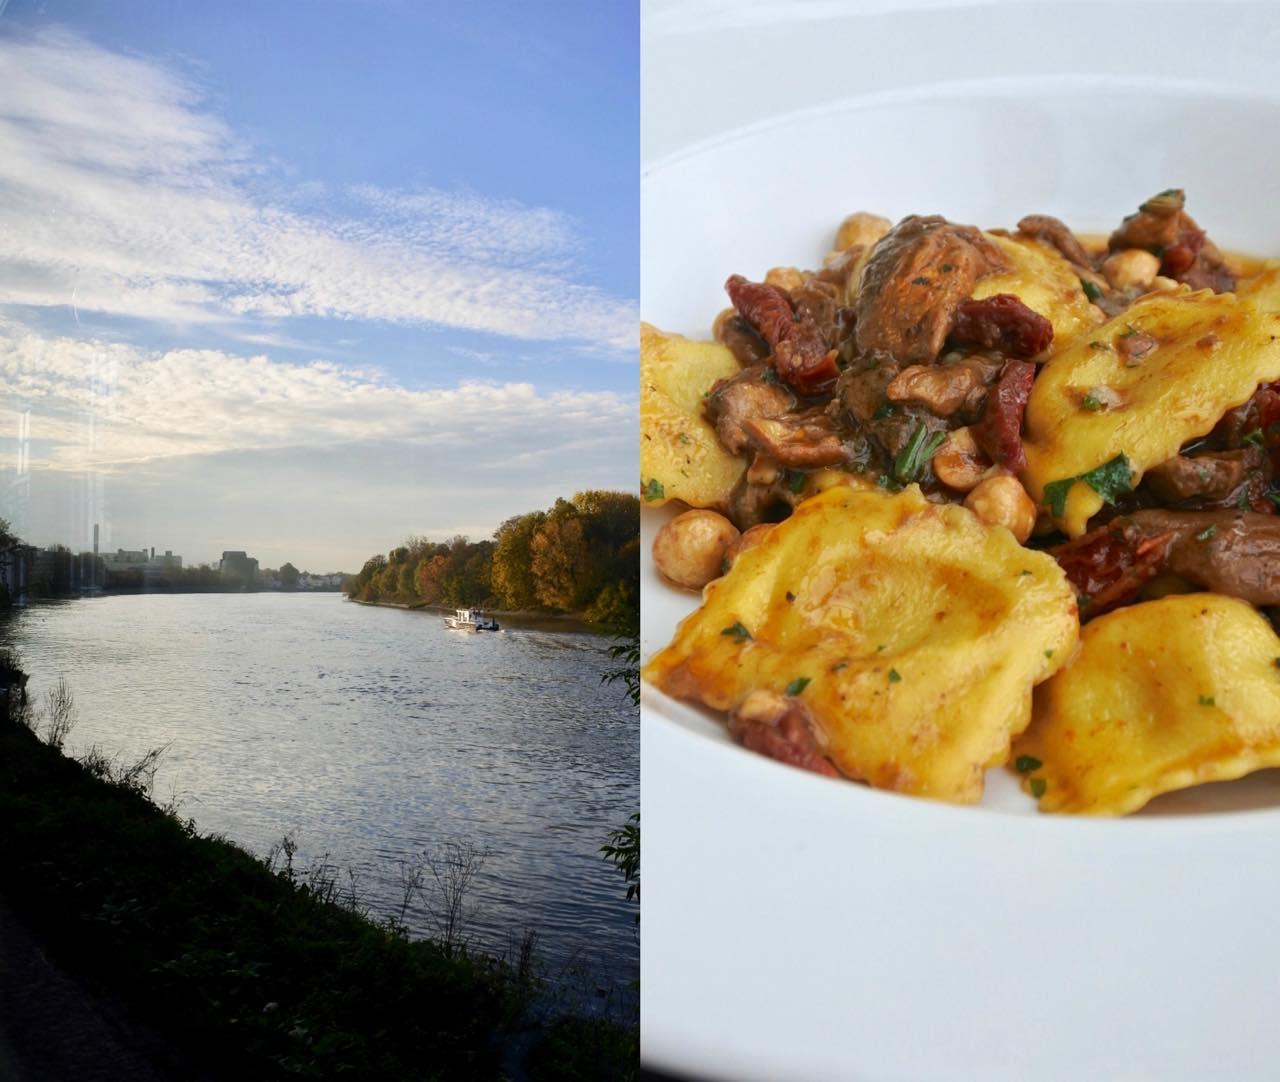 こちらはお友達のメイン、ラビオリとキノコ。食べさせていただいたのですが、すごーーく美味しかった! リックさん、ベジタリアン料理もお上手。